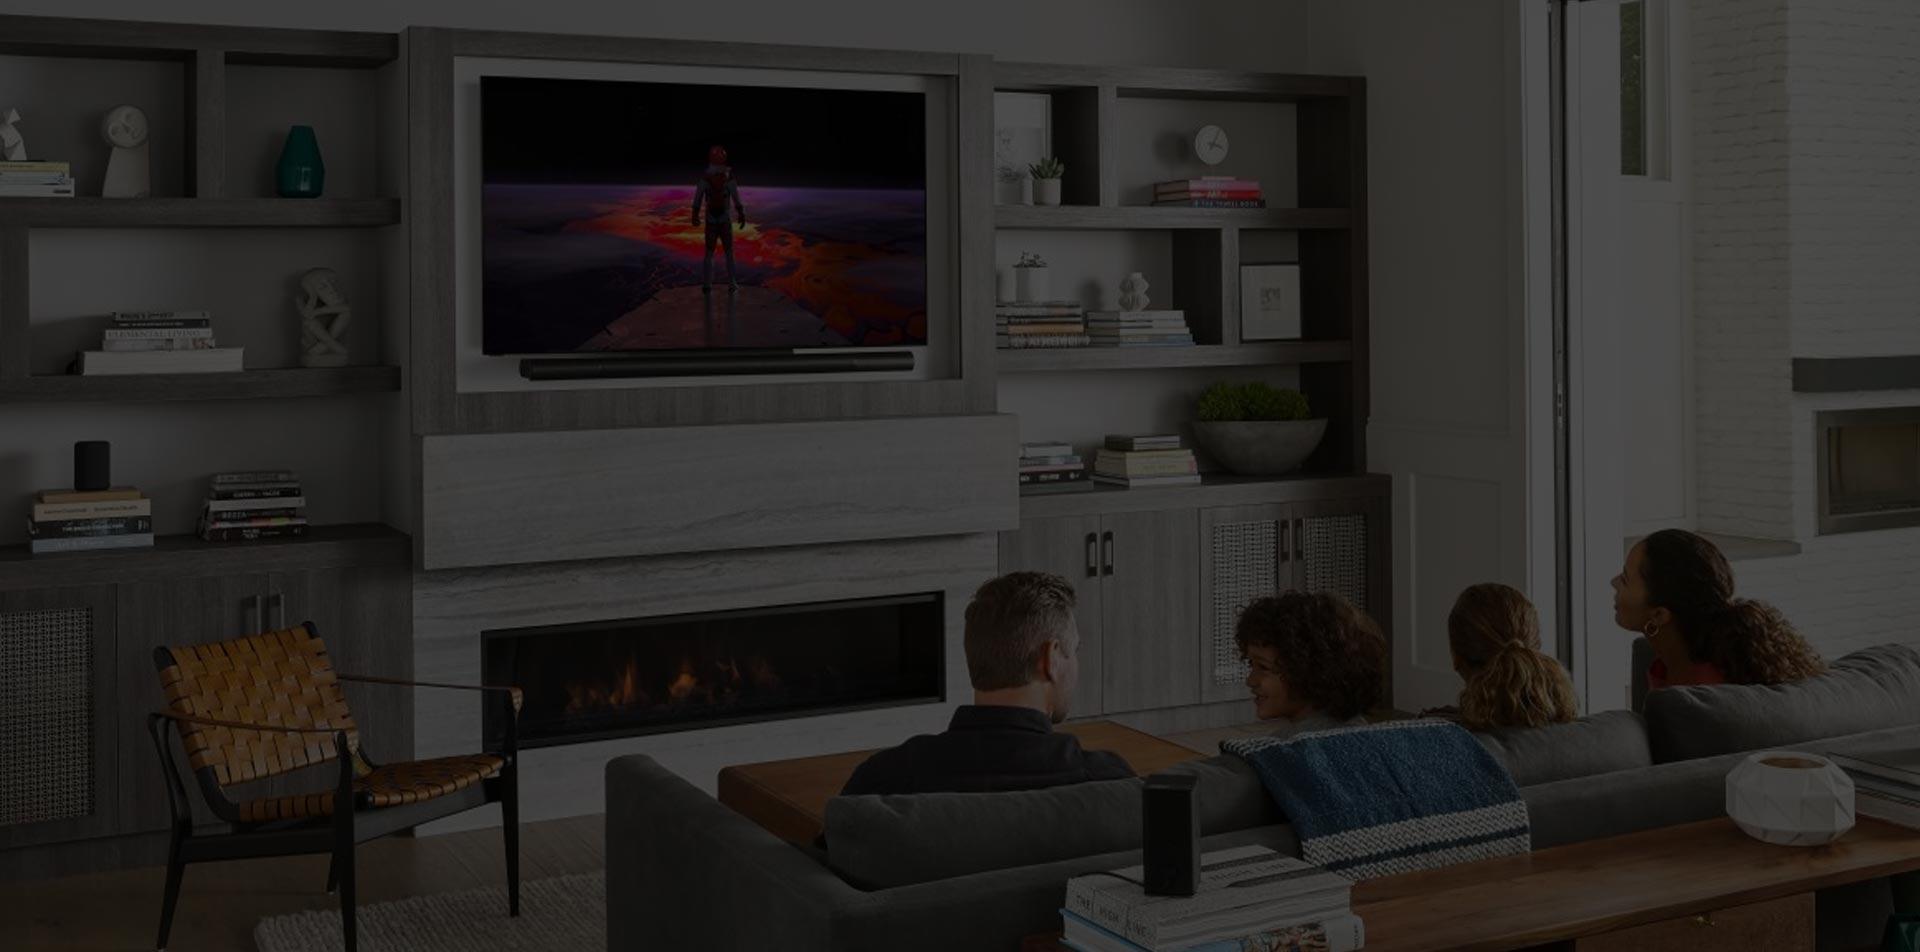 تعمیر برد پاور تلویزیون سونی